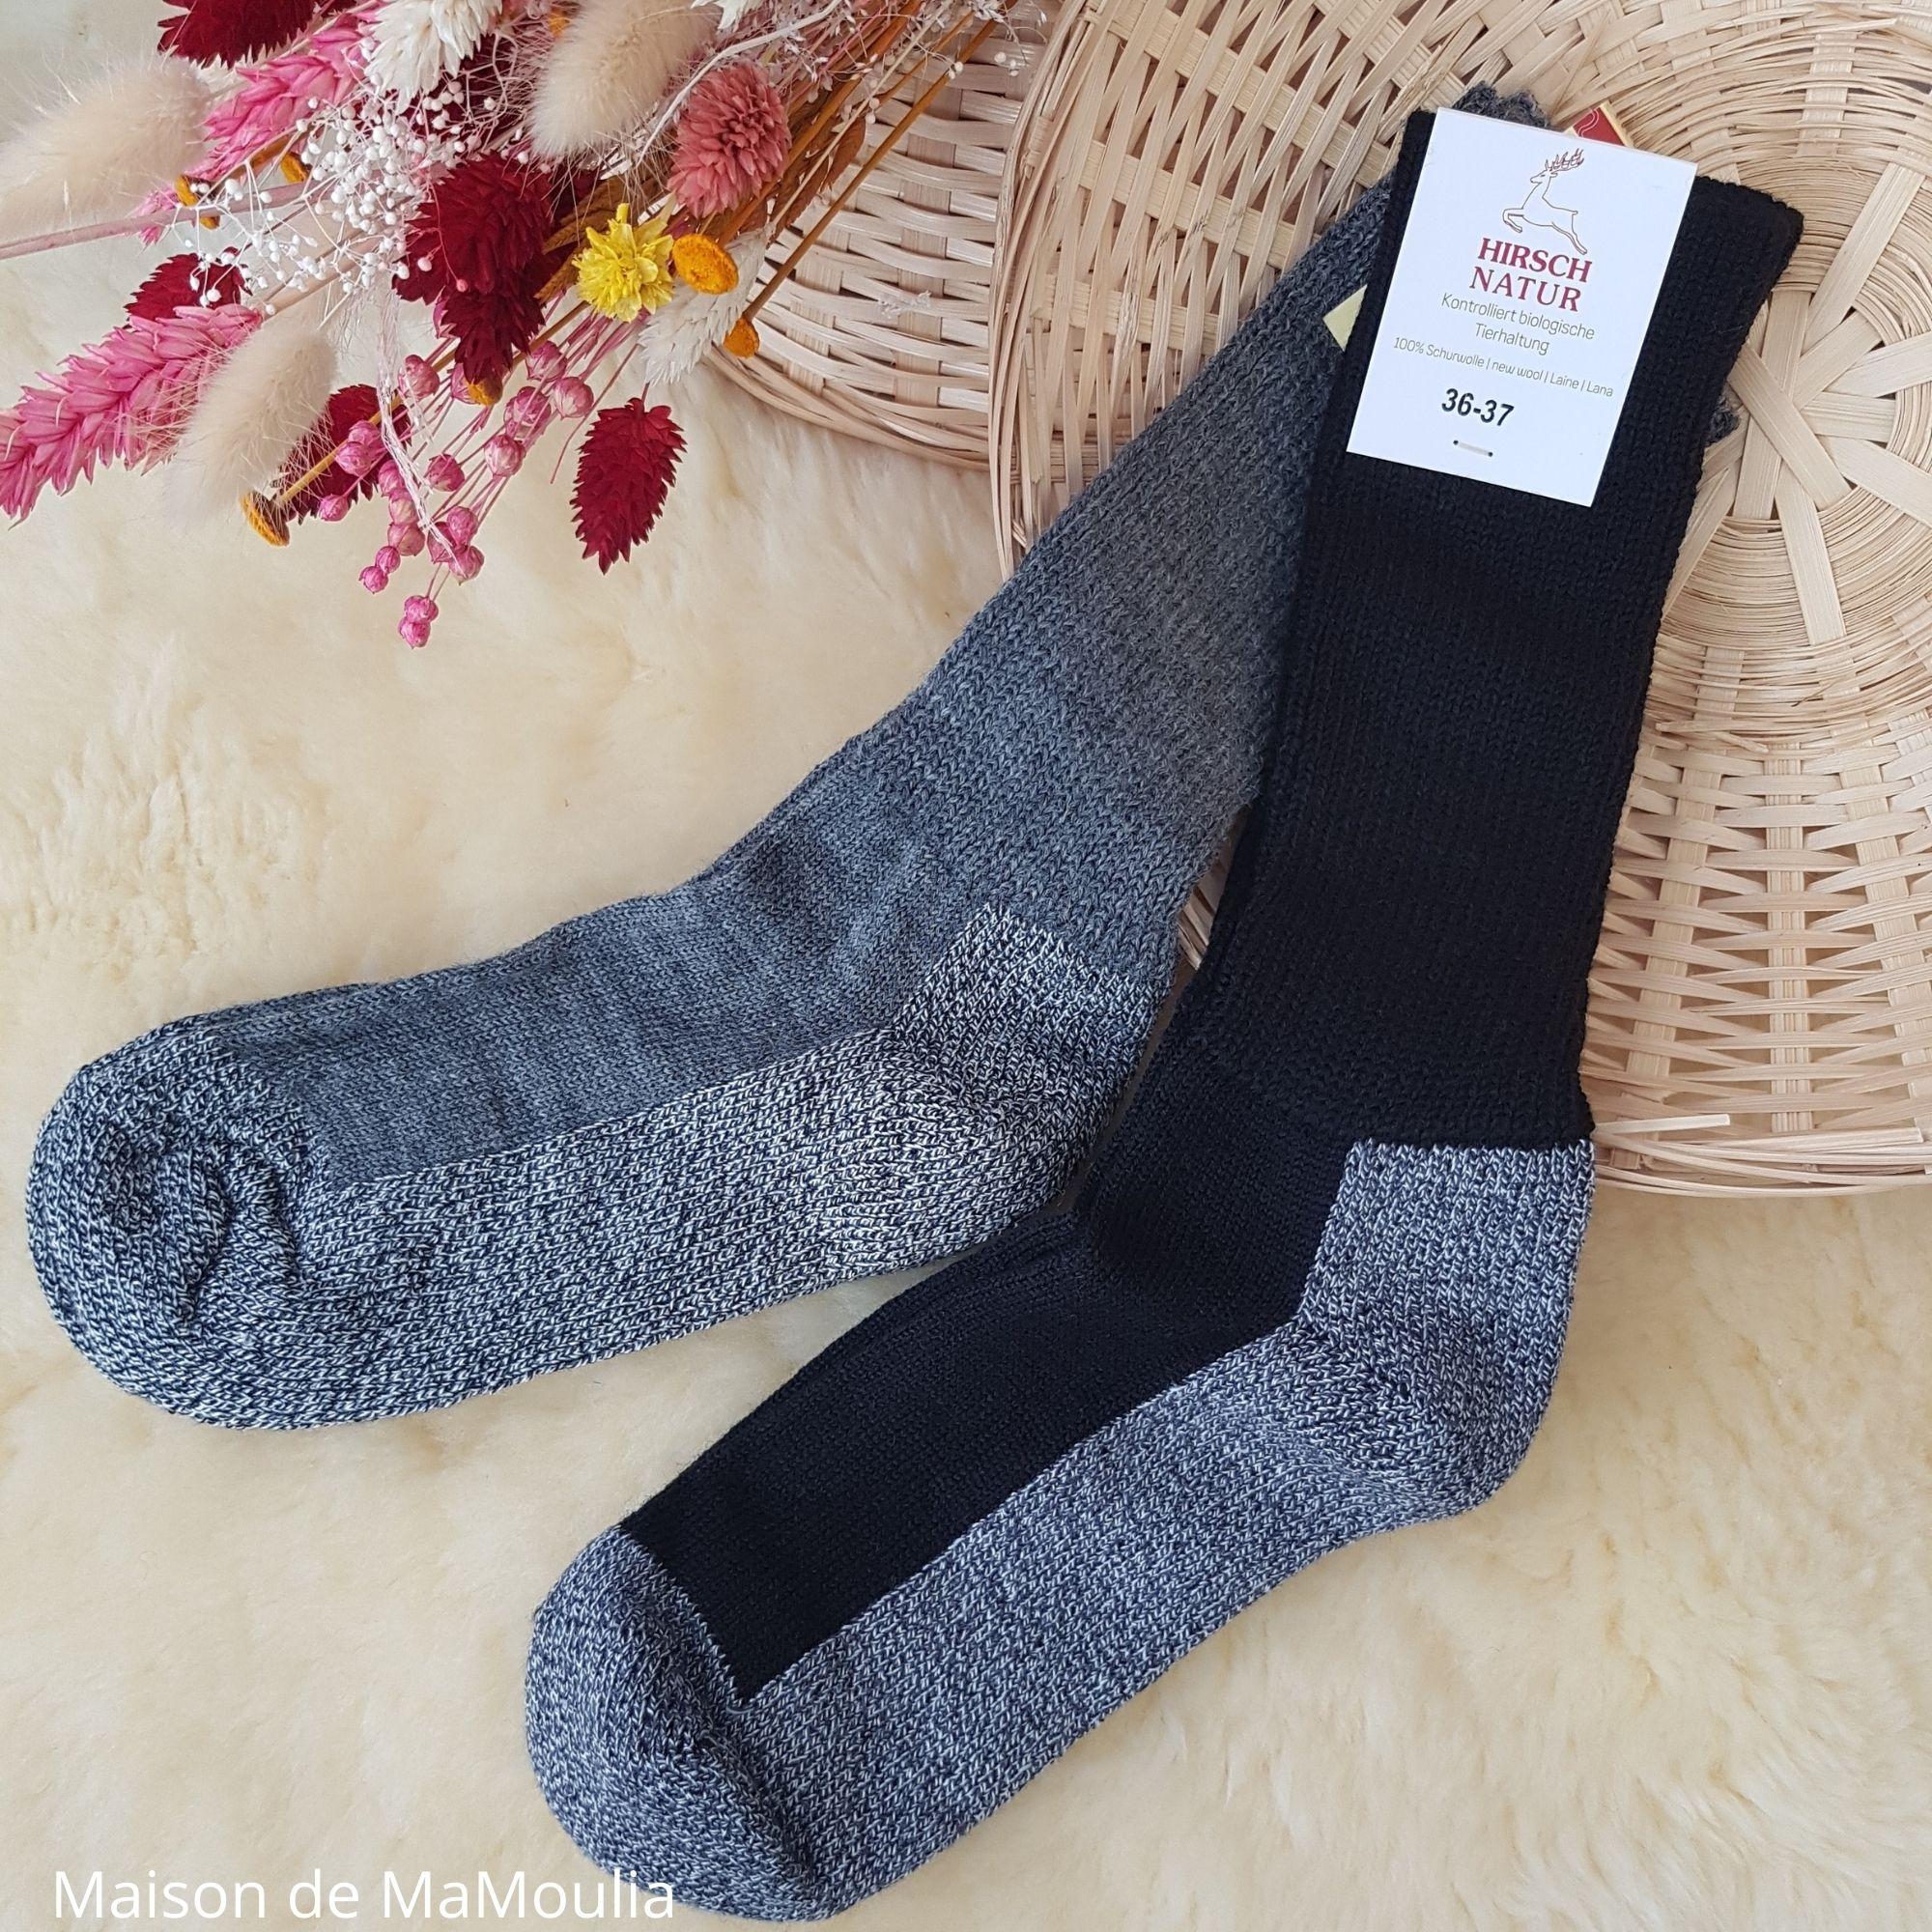 HIRSCH Natur - Chaussettes mi-épaisses - 100% laine - Renforcées